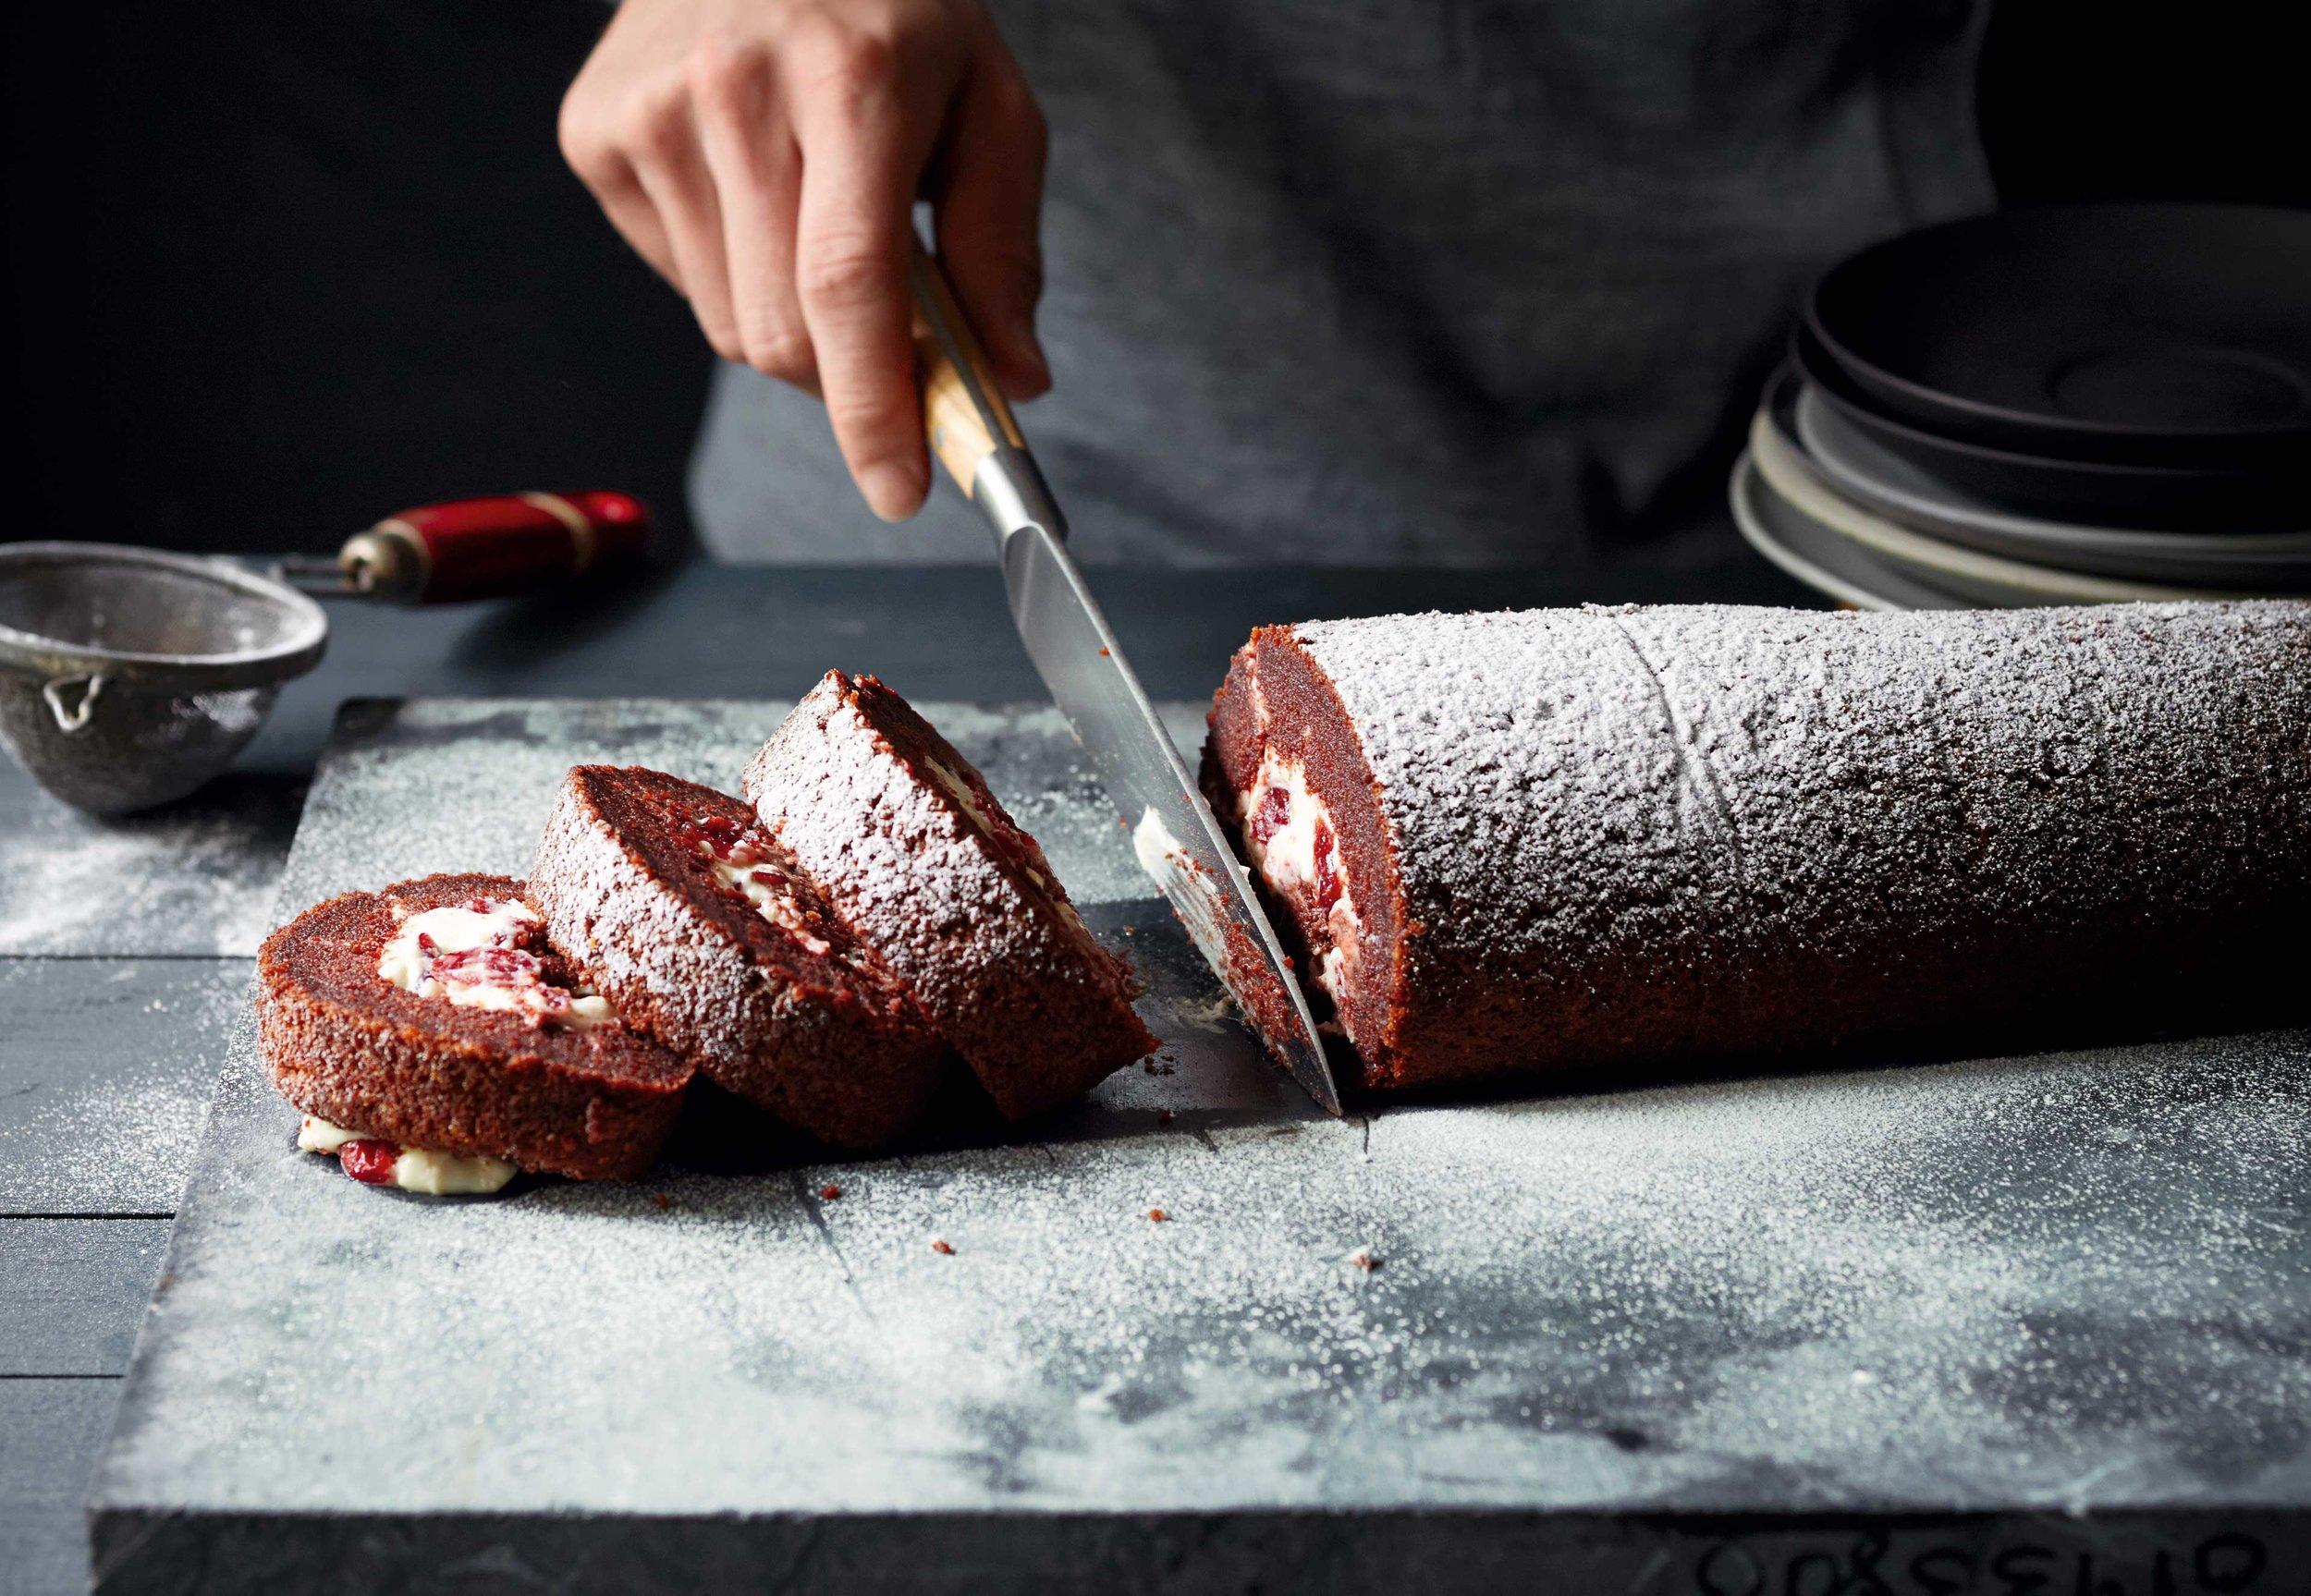 Beetroot-and-Dark-Chocolate-Yule-Log.jpg